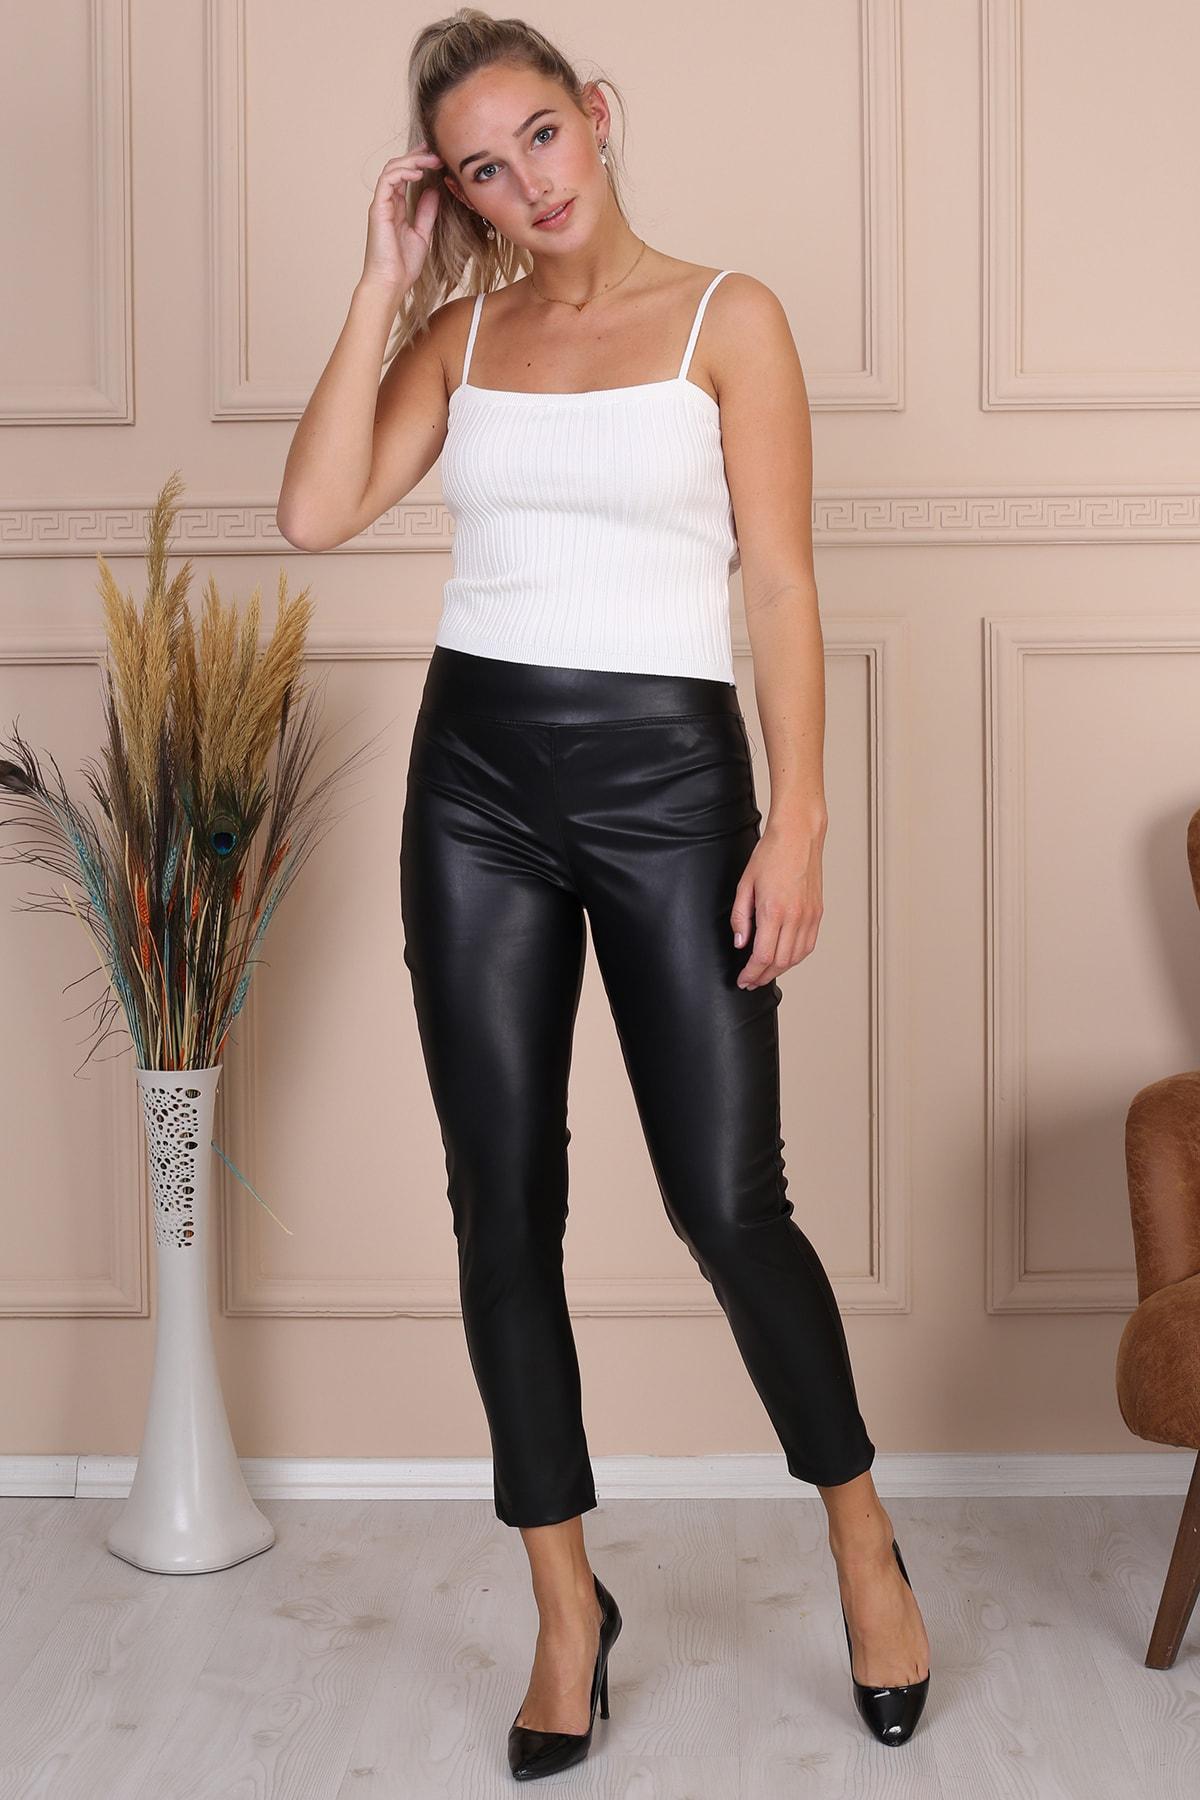 Londa Deri Pantolon 1